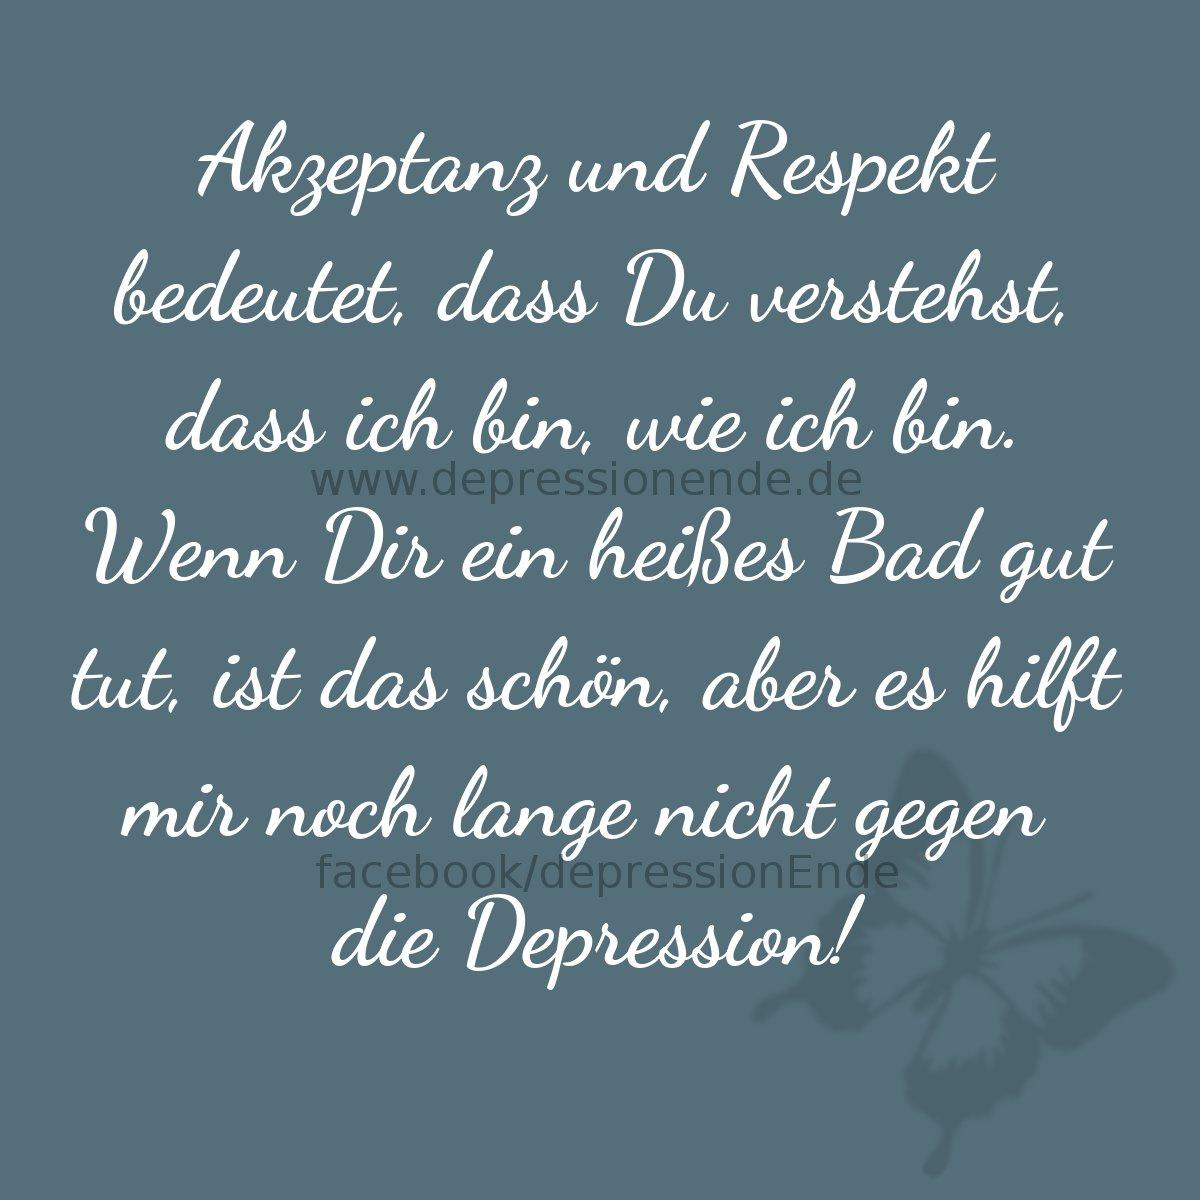 Depressionen Zitate Spruche Spruchbilder Und Gedanken